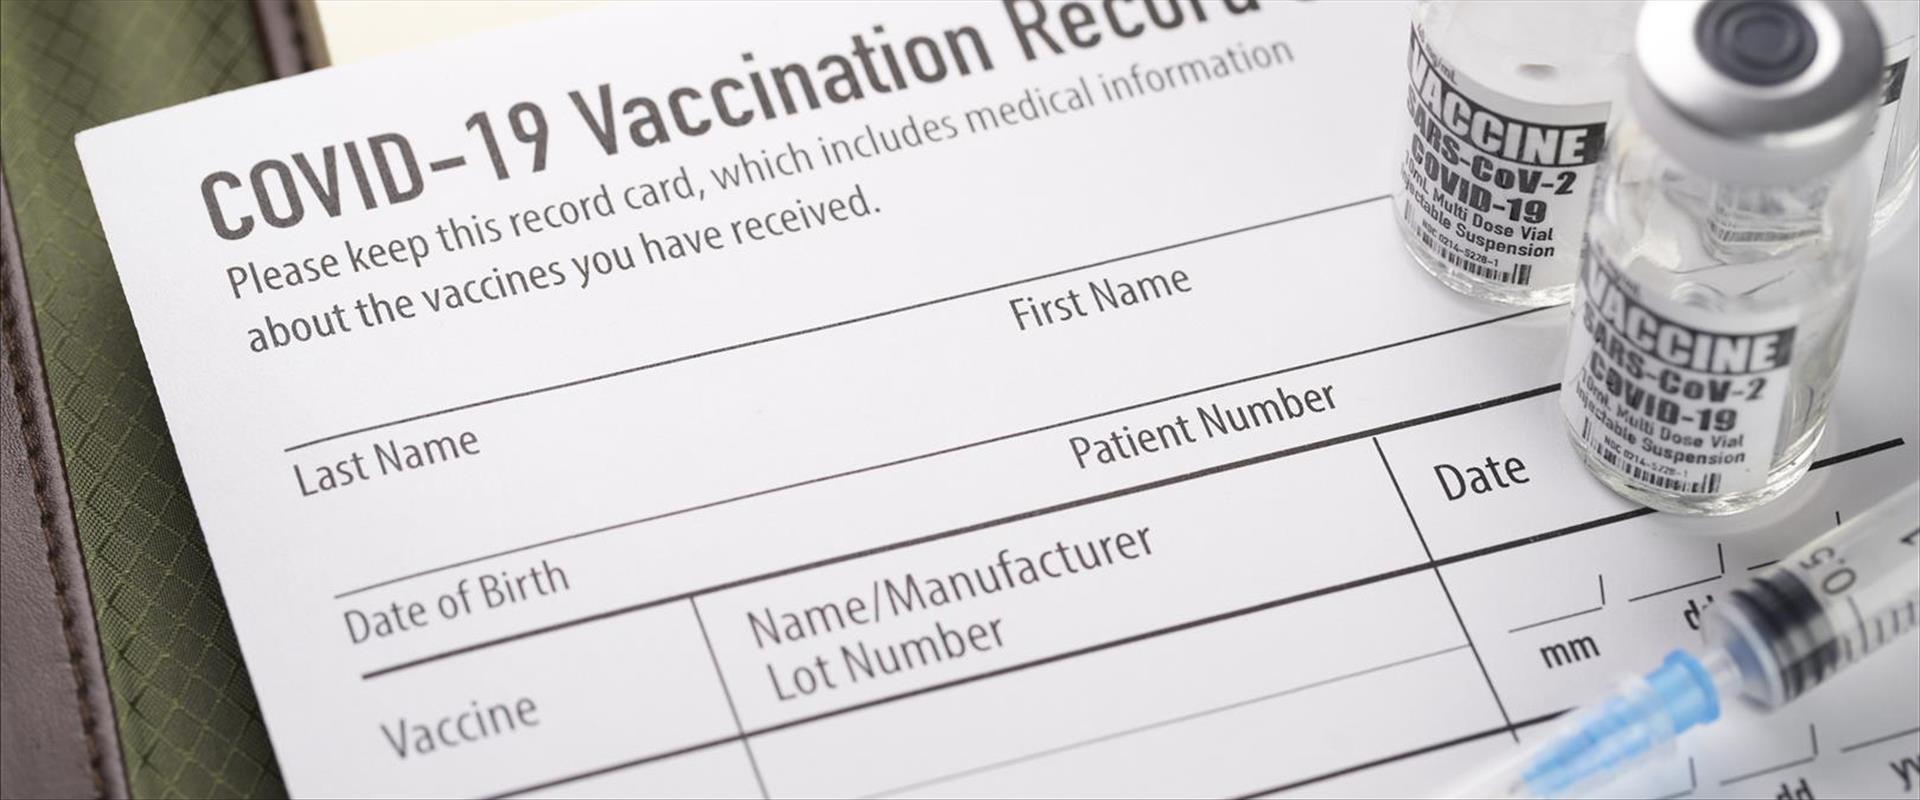 לקראת חיסון קורונה